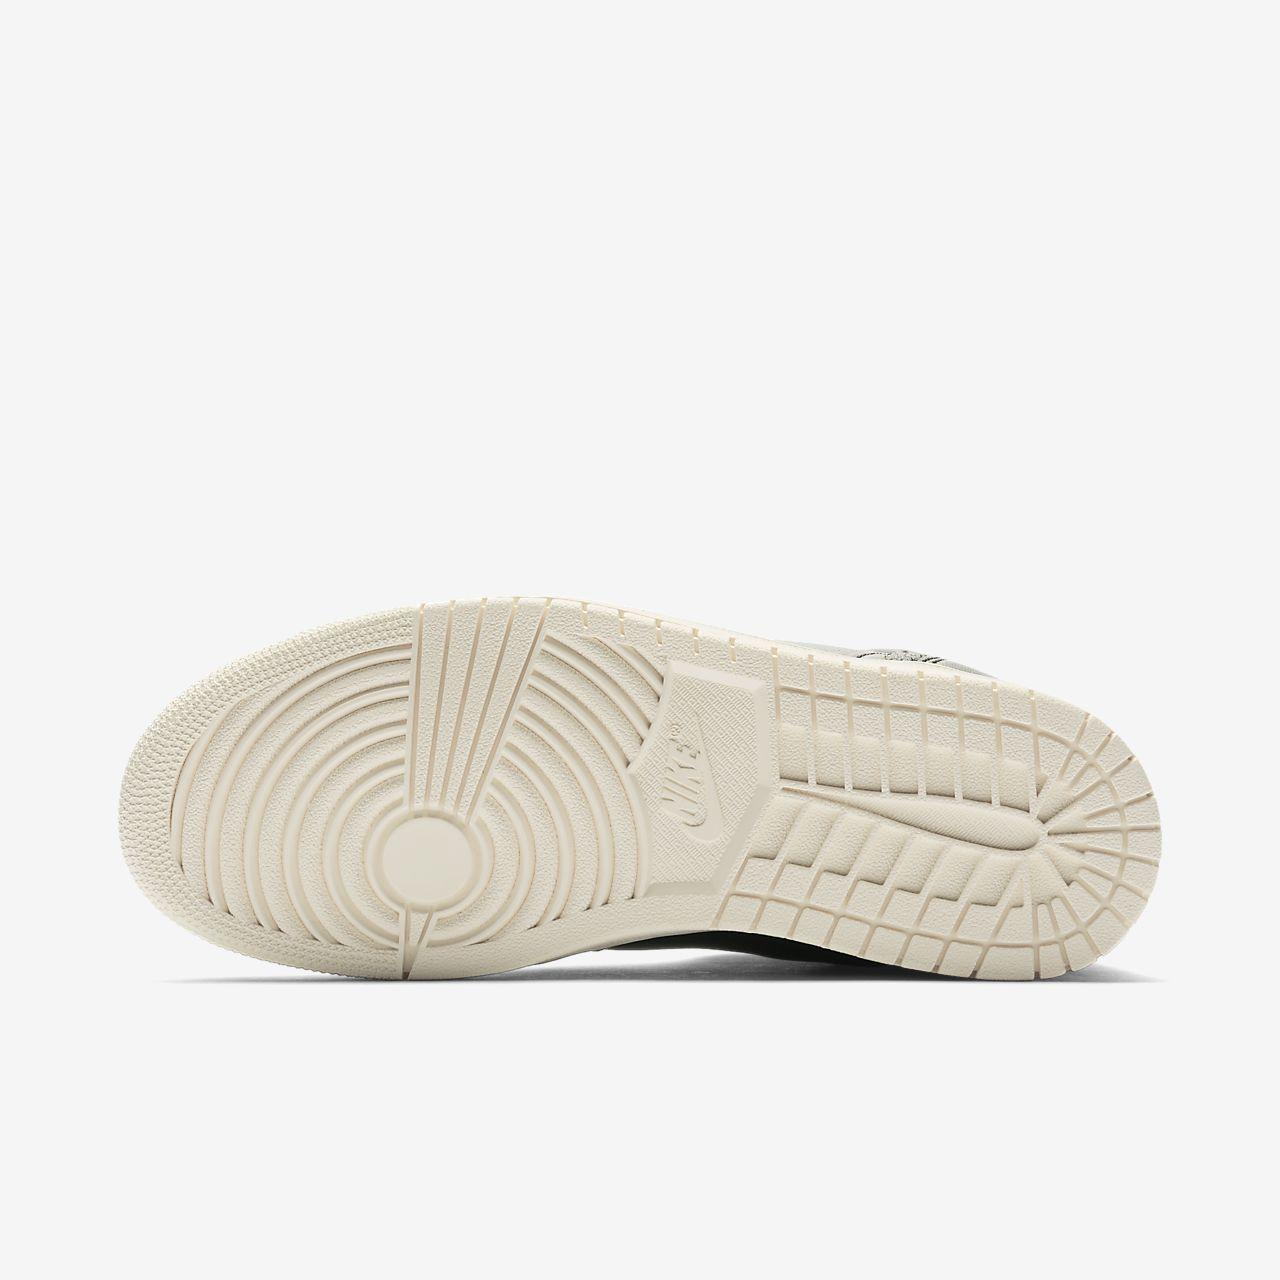 san francisco 8eb10 d61ae Sko Air Jordan 1 High Zip för kvinnor. Nike.com SE